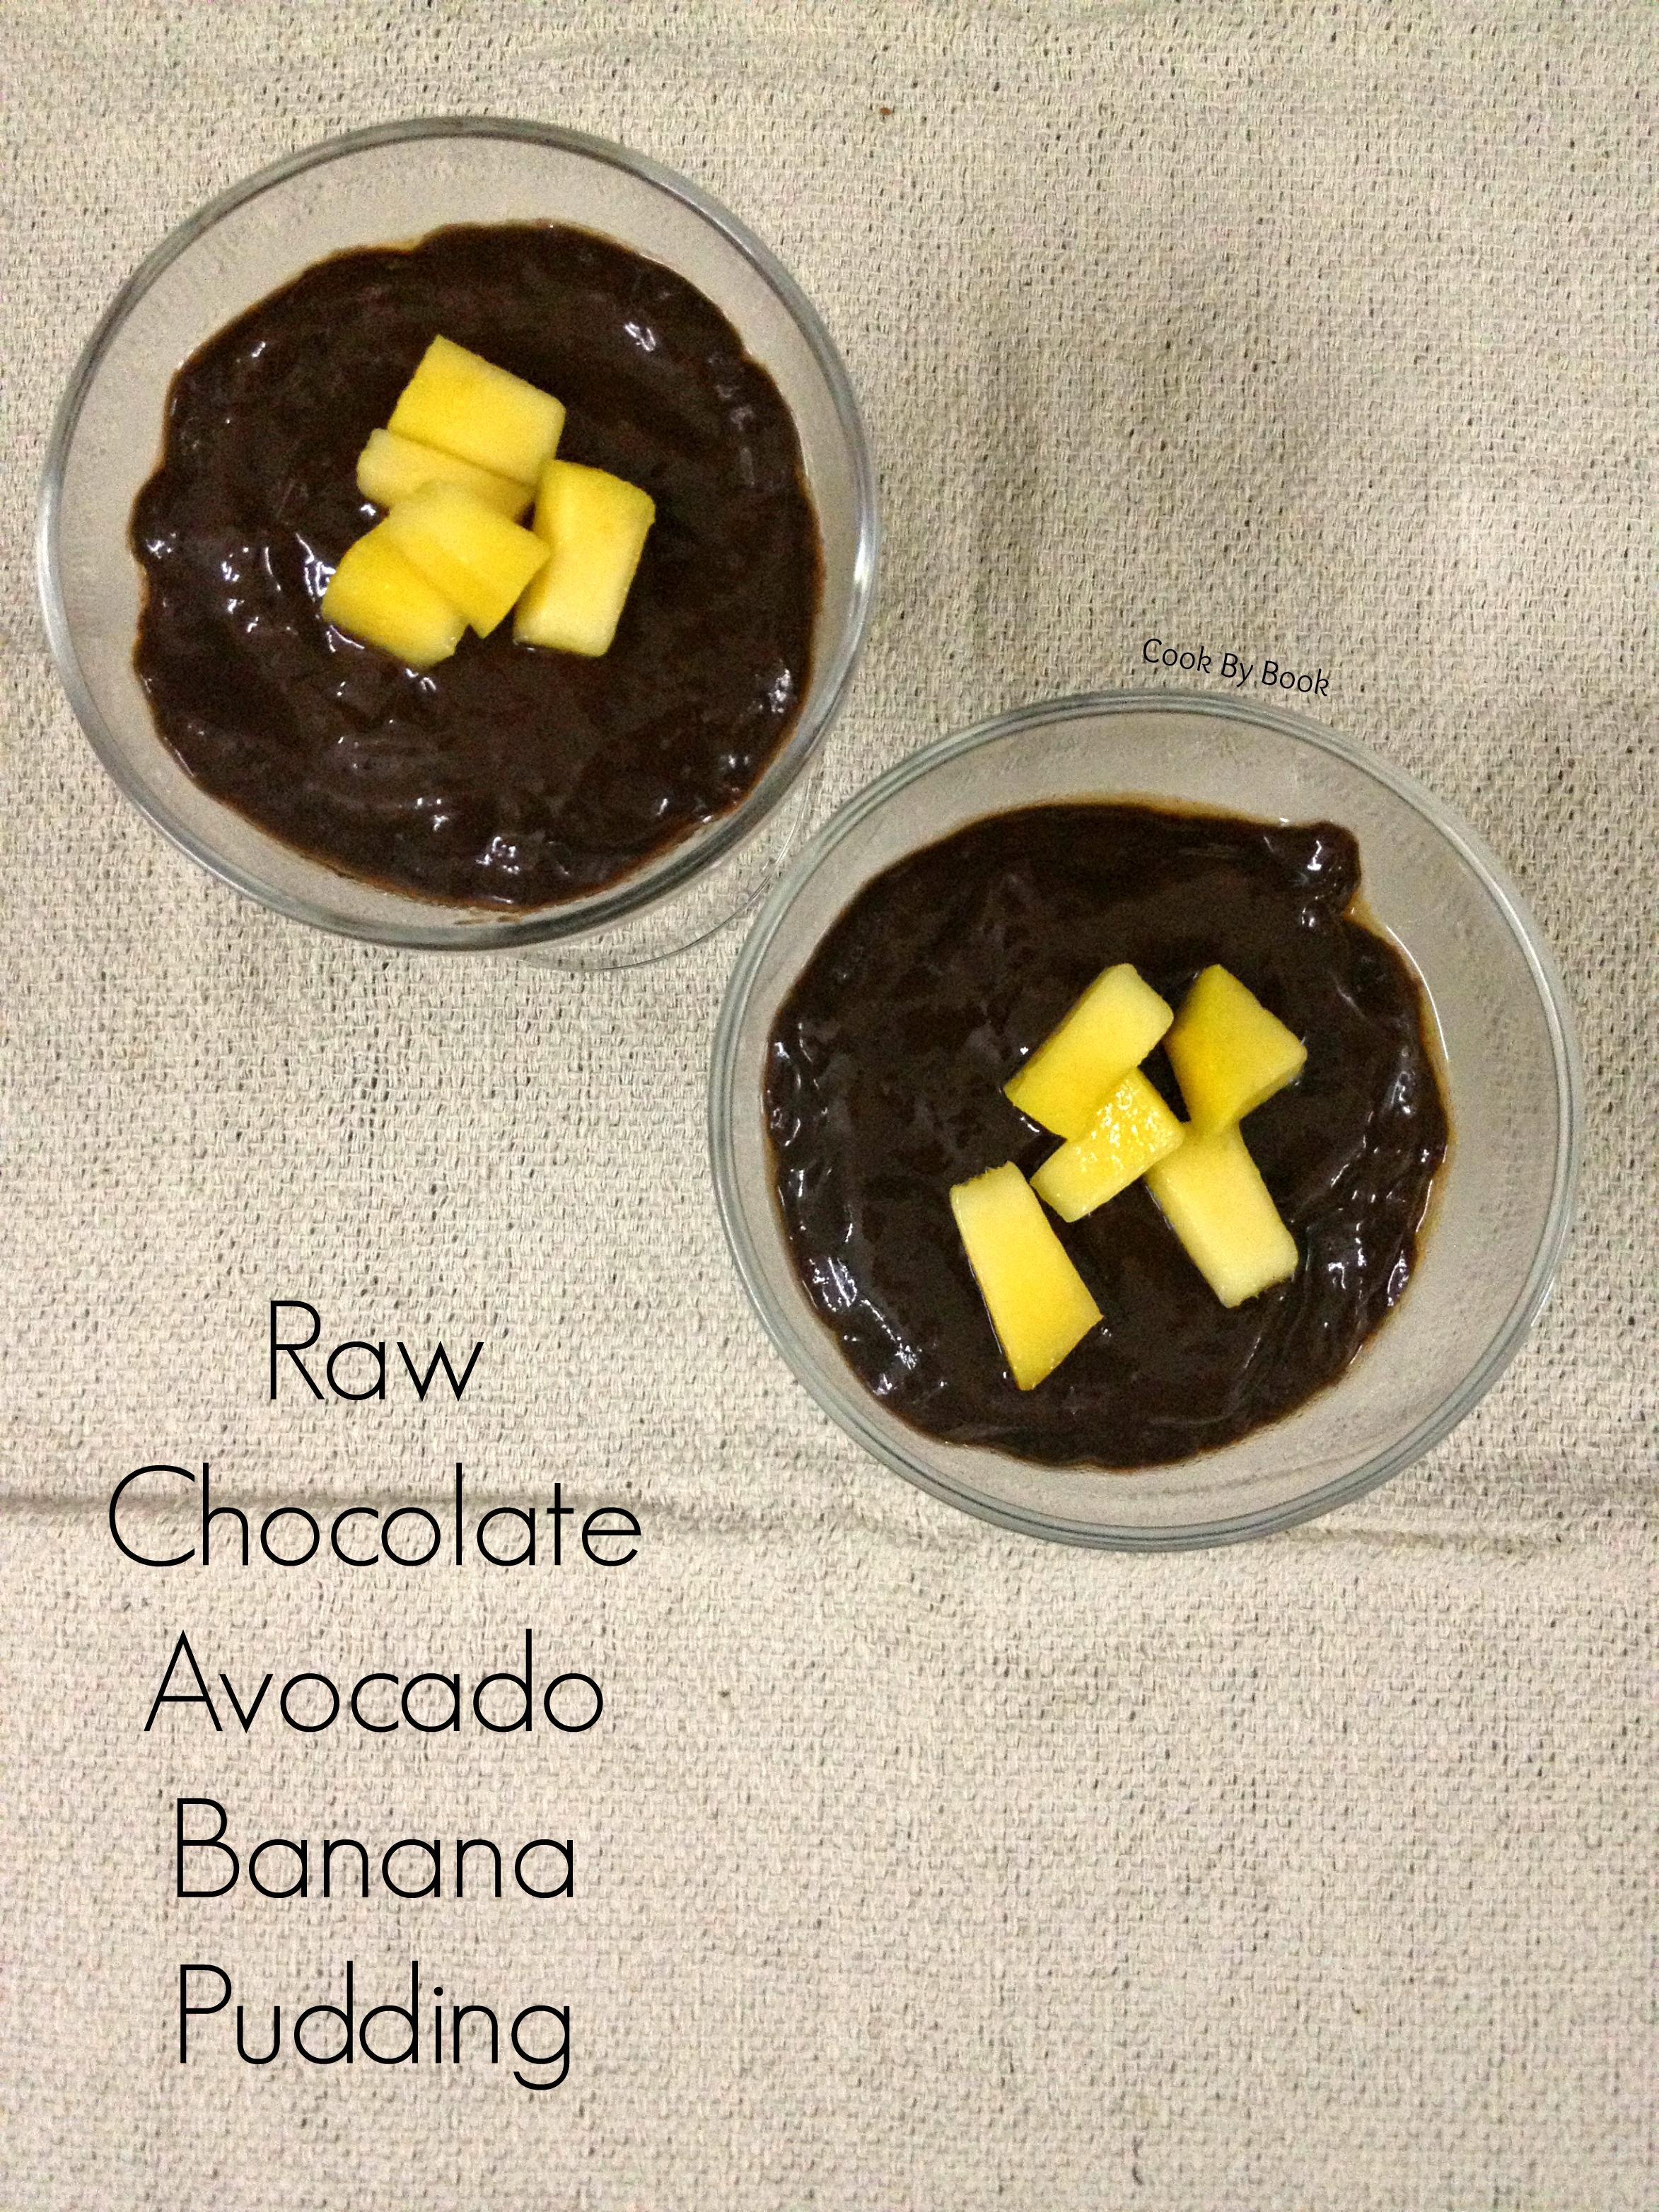 Raw Chocolate Avocado Banana Pudding1